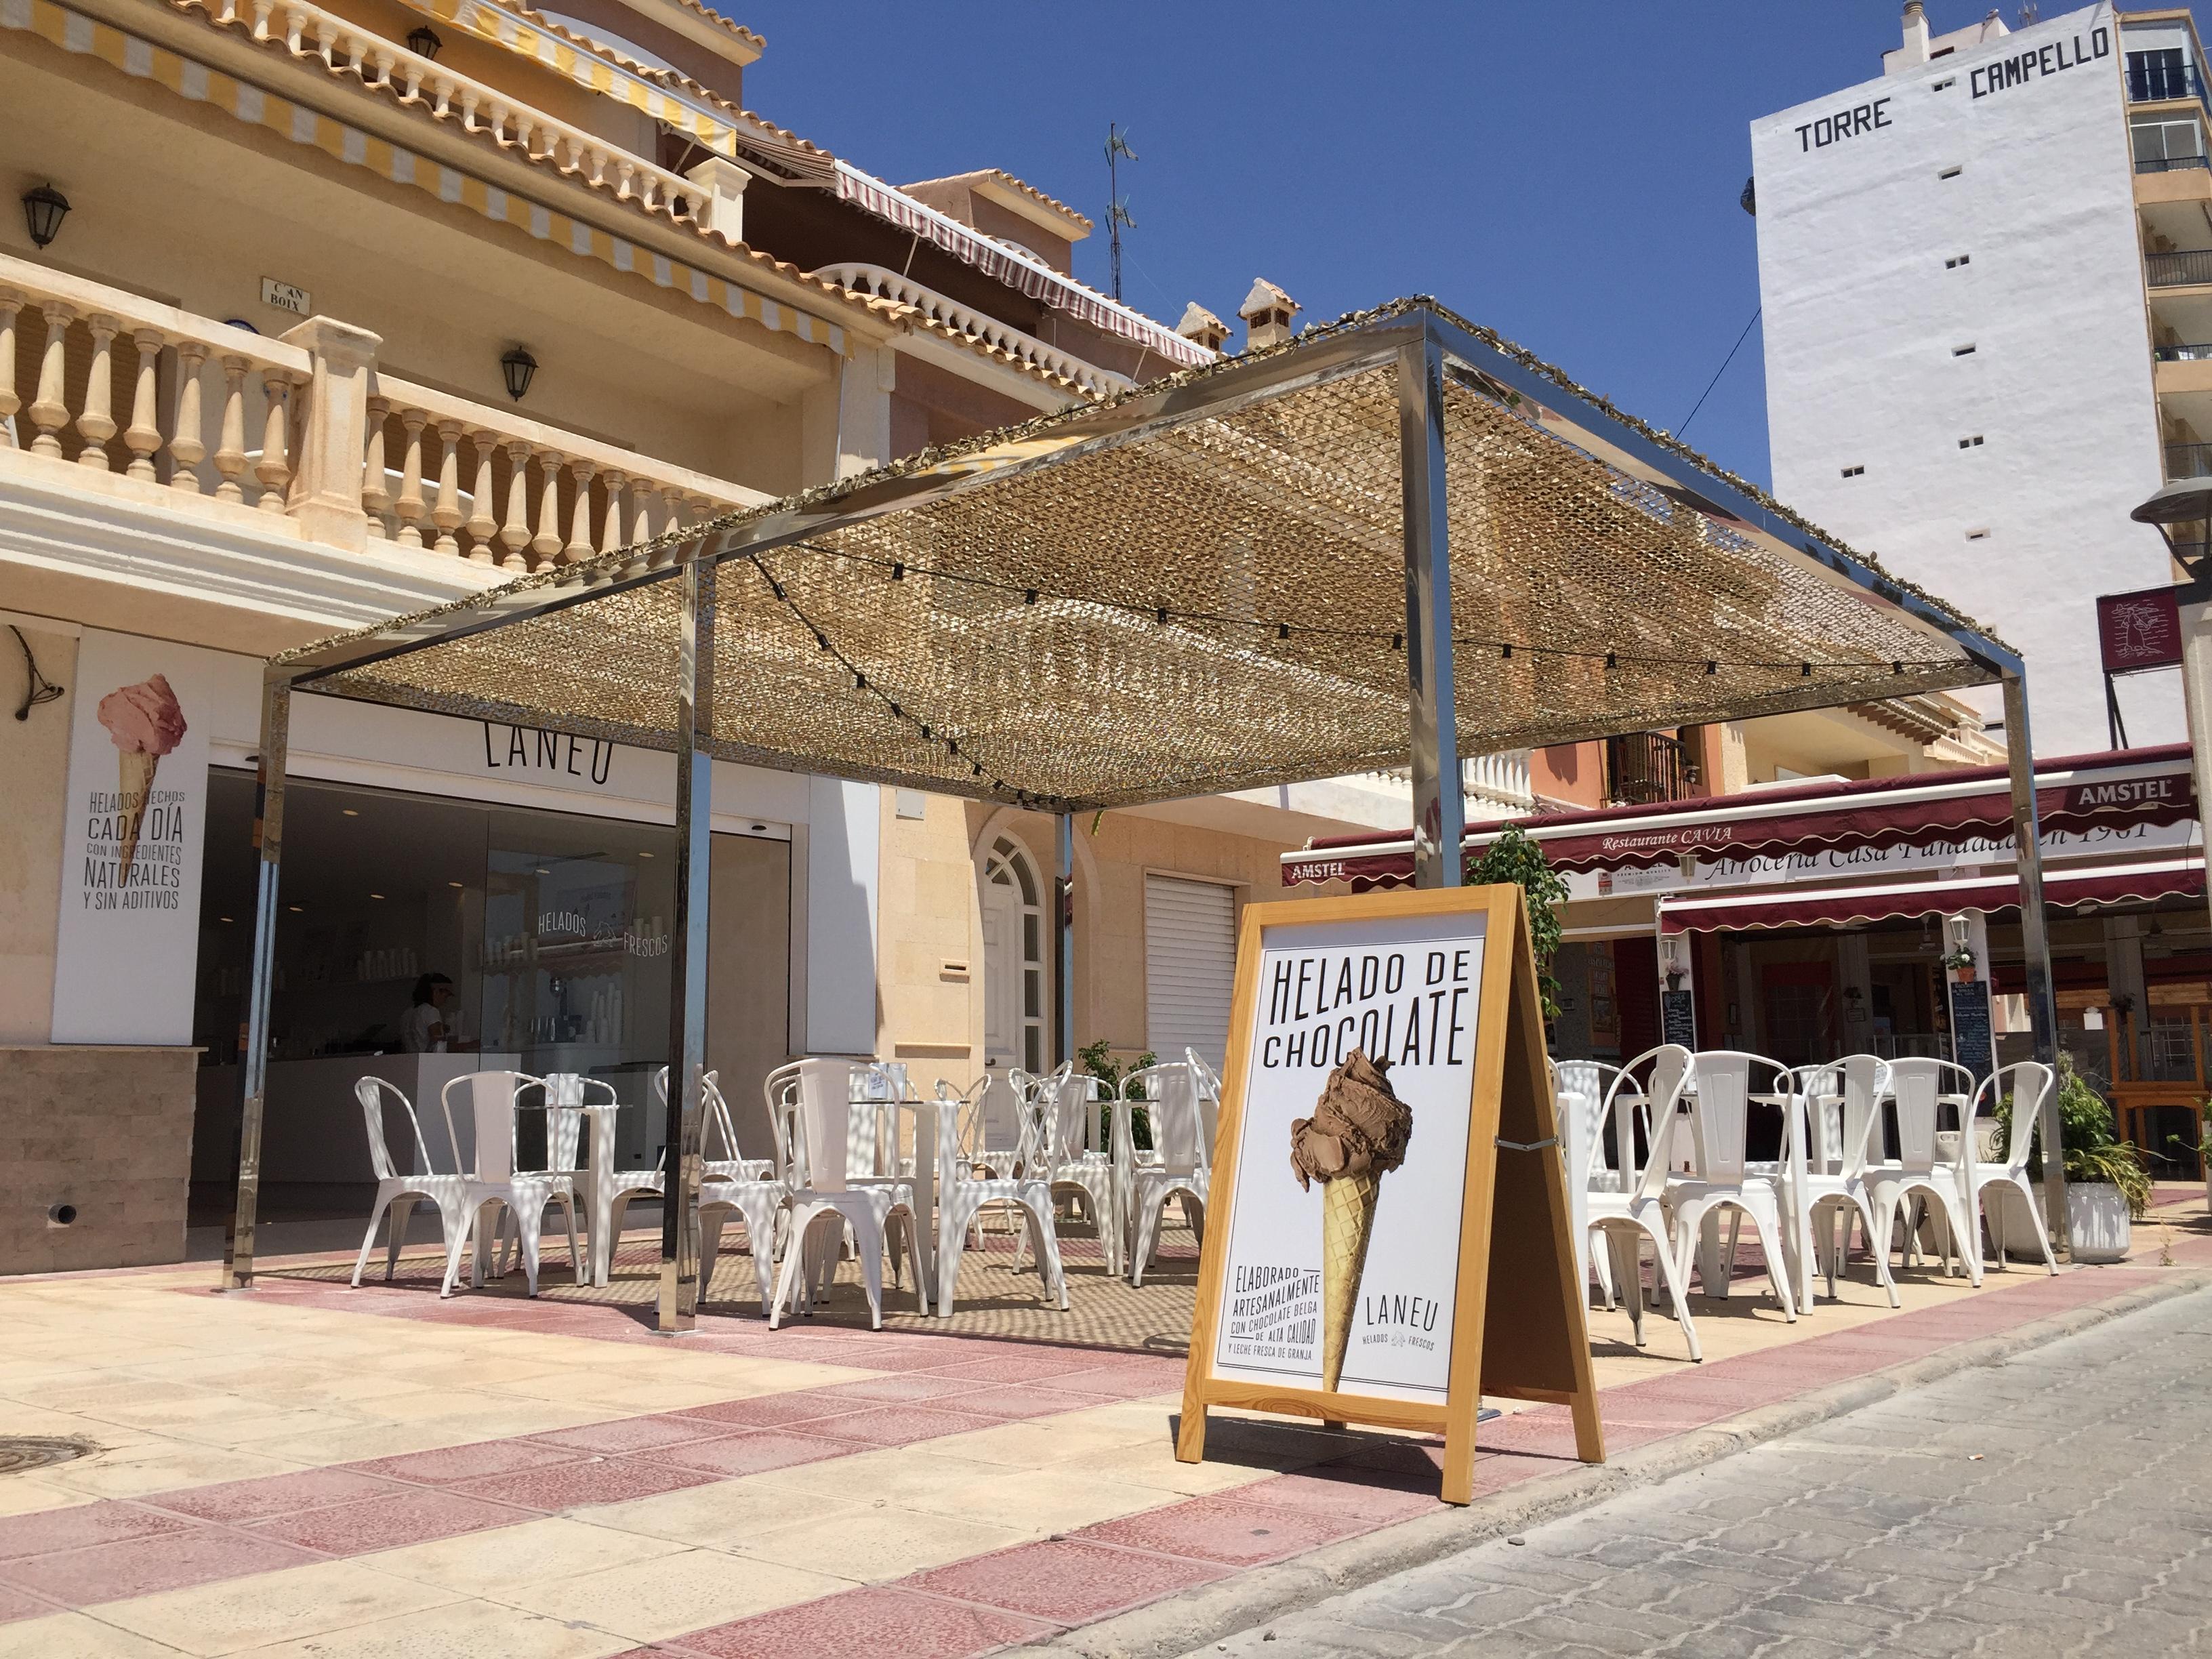 Laneu, un nuevo concepto de heladerías , ha inaugurado su segundo local en El Campello